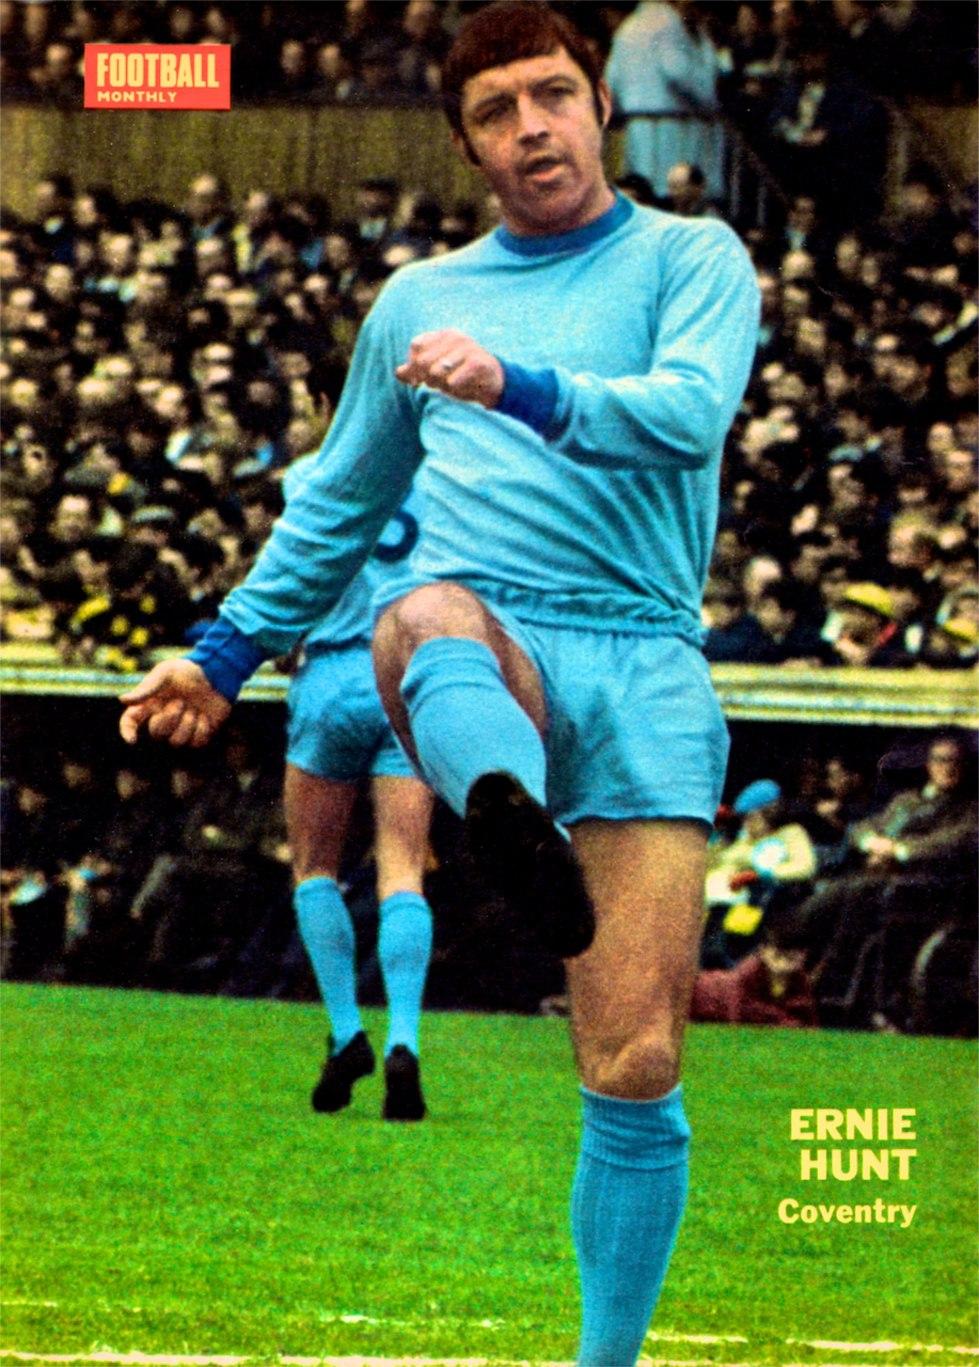 Ernie Hunt, Coventry City 1970